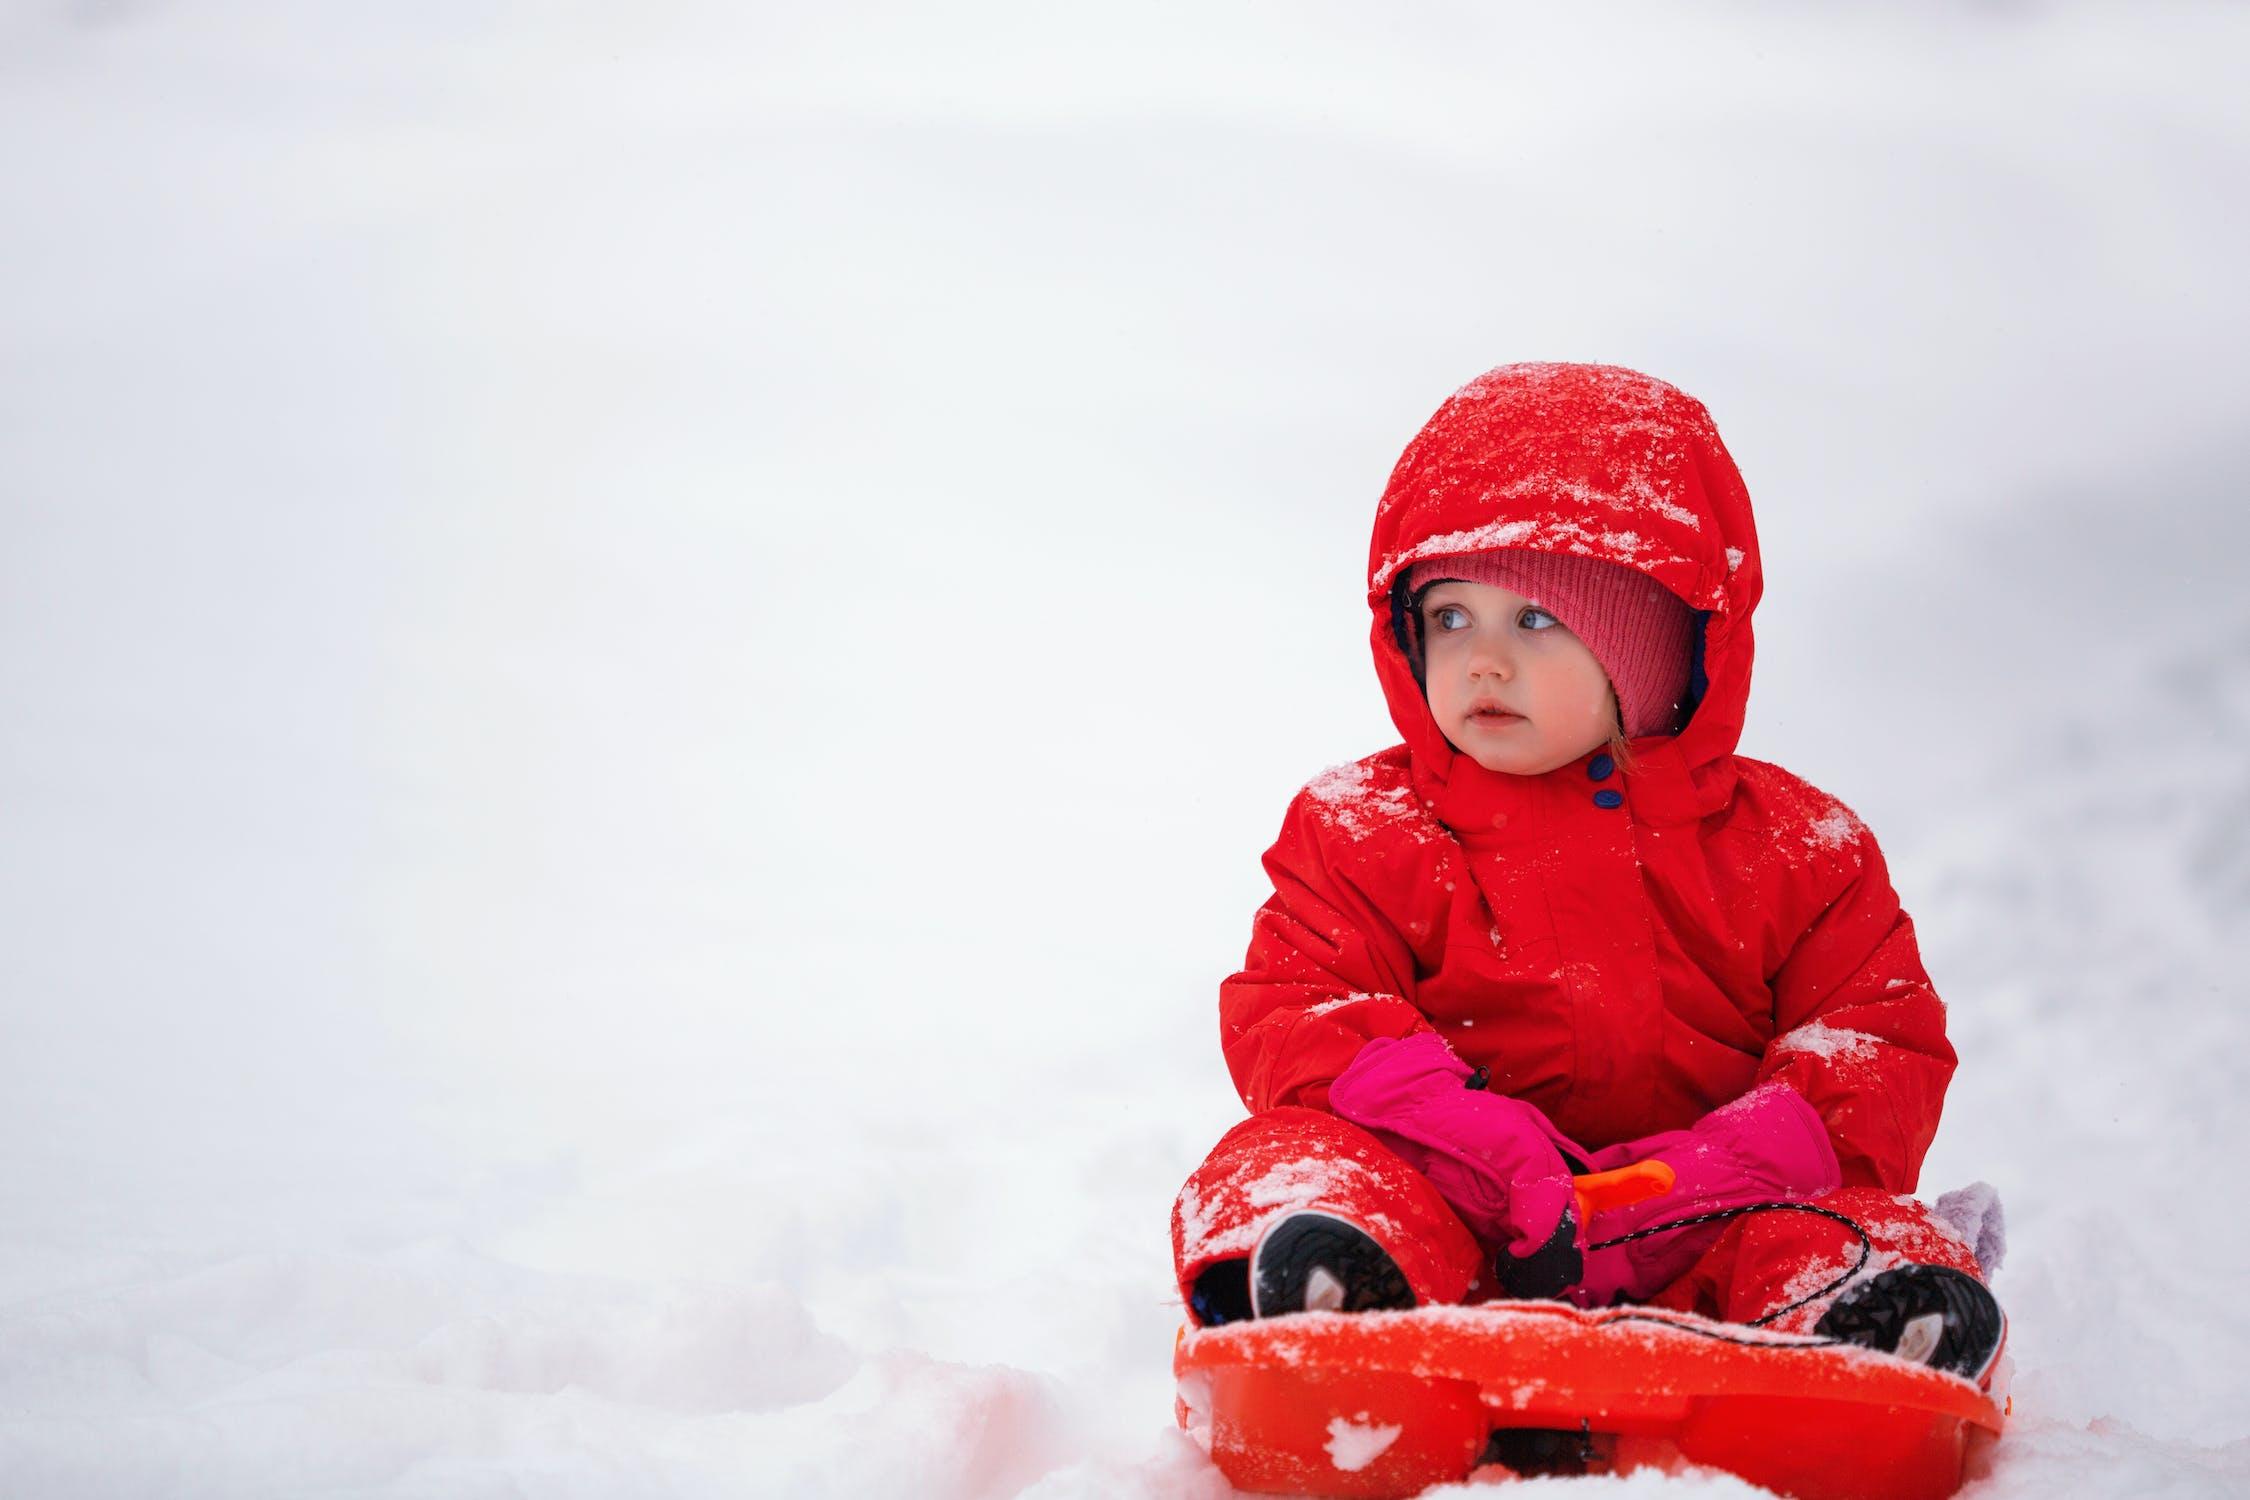 Jak ubierać dziecko przy przeziębieniu? - Blog HOKUS POKUS S.C.